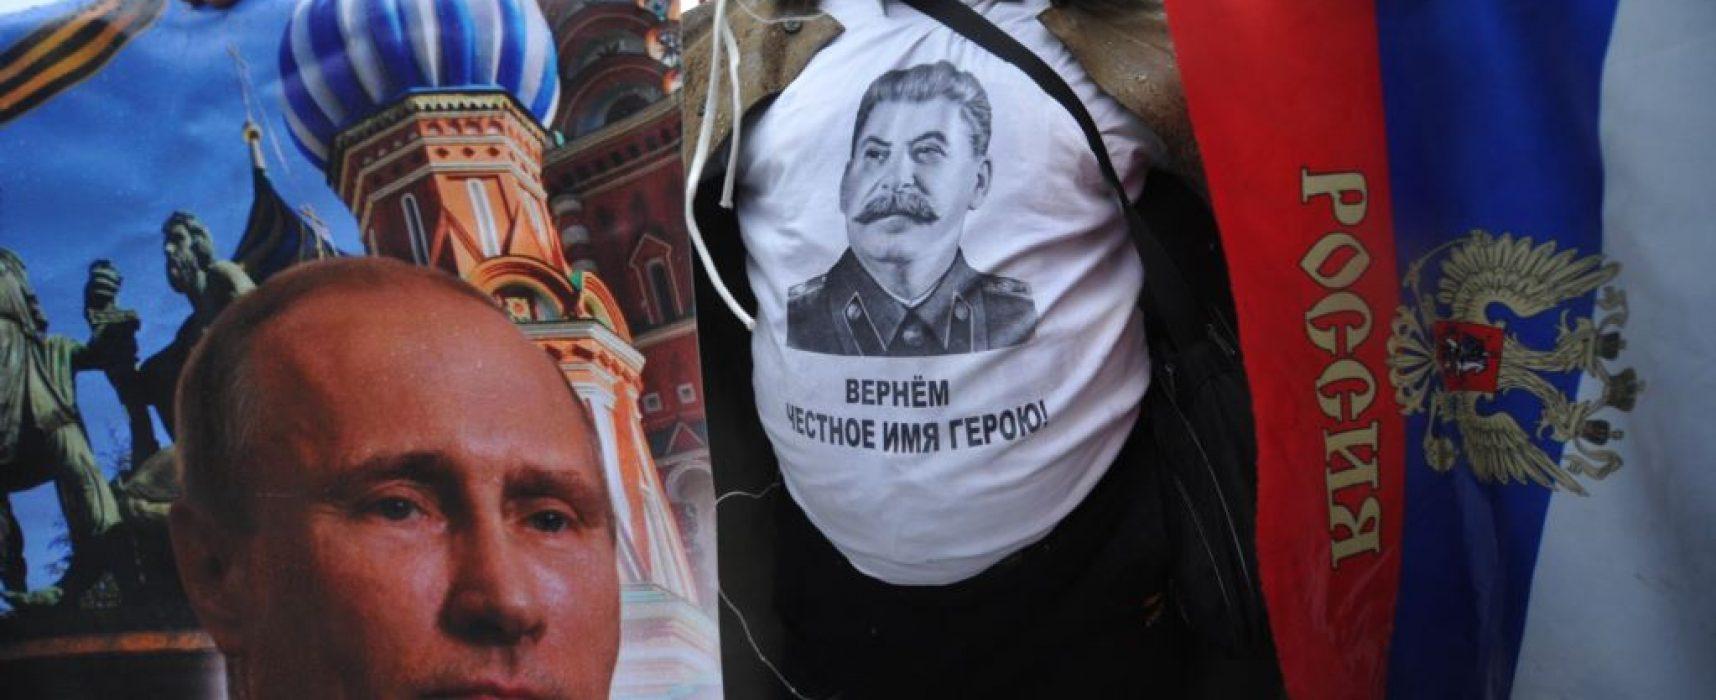 Большой Путин выдавливает из россиян маленького Сталина